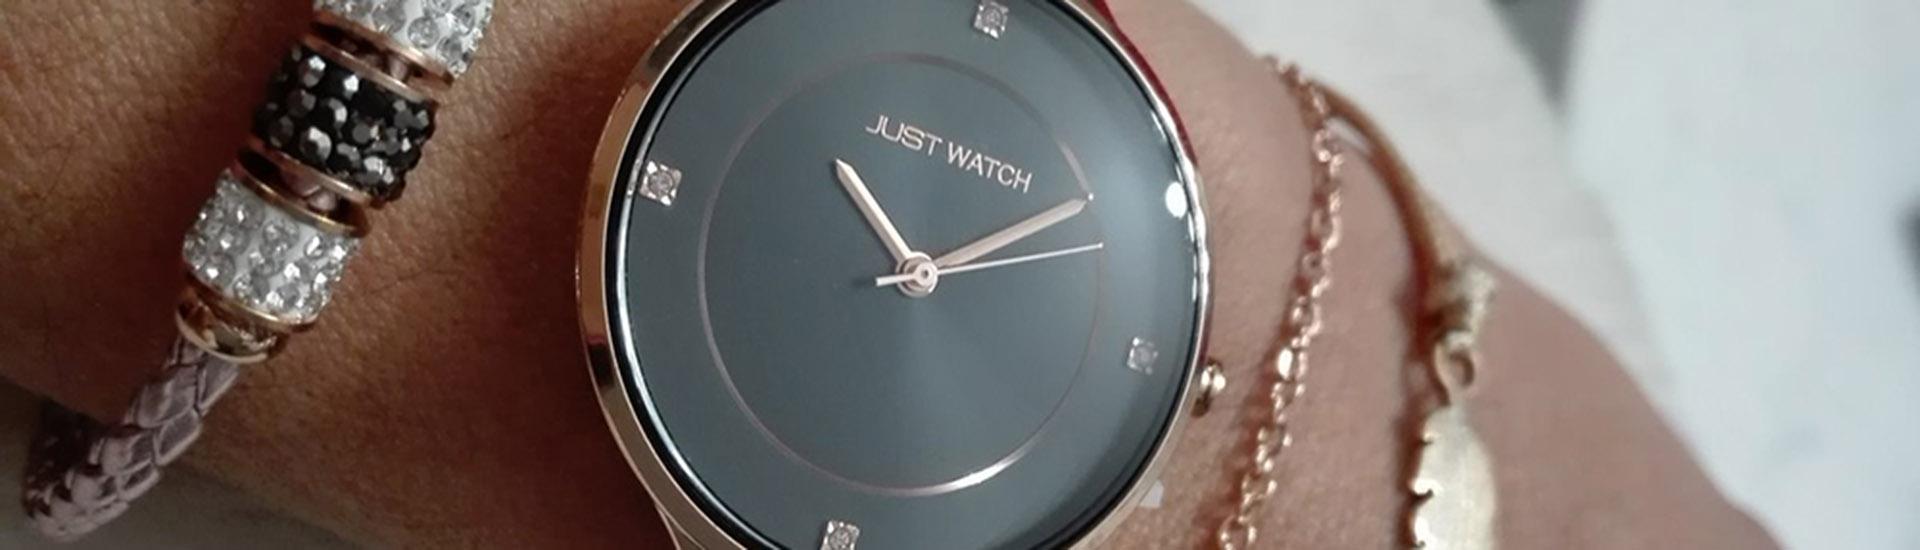 Γυναικεία ρολόγια! To απόλυτο γυναικείο κόσμημα!